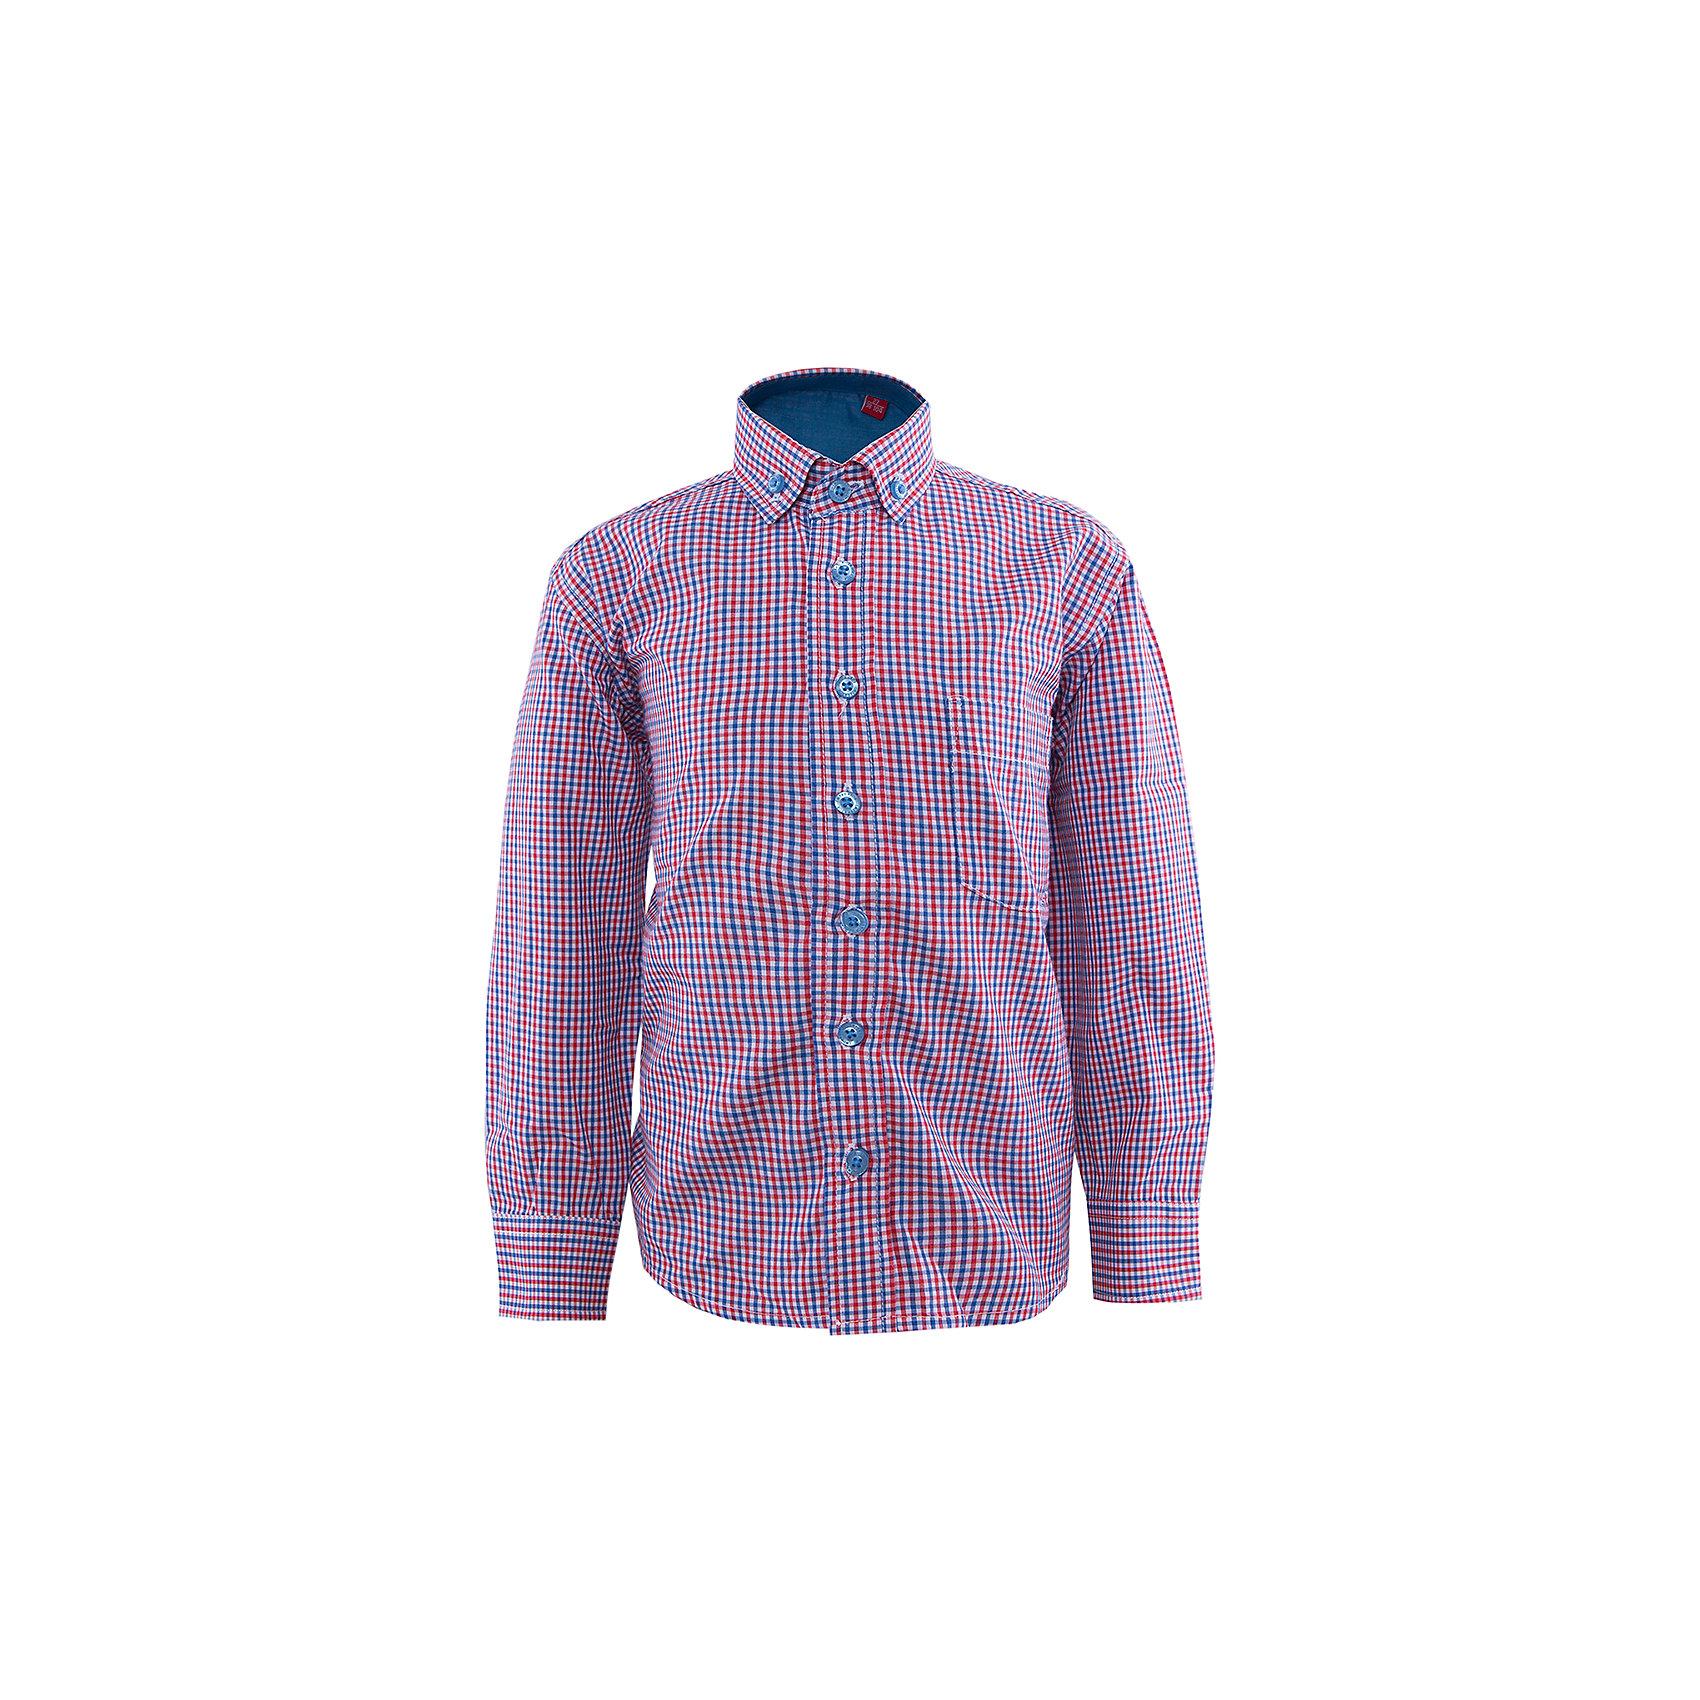 Рубашка для мальчика ImperatorБлузки и рубашки<br>Рубашка для мальчика от известного бренда Imperator.<br><br>Классическая рубашка - неотьемлемая вещь в гардеробе, даже для самых юных богатырей! Модель на пуговицах, с отложным воротником. Свободный покрой не стеснит движений и позволит чувствовать себя комфортно каждый день. <br><br>Состав:<br>65 % хлопок, 35% П/Э<br><br>Ширина мм: 174<br>Глубина мм: 10<br>Высота мм: 169<br>Вес г: 157<br>Цвет: белый<br>Возраст от месяцев: 48<br>Возраст до месяцев: 60<br>Пол: Мужской<br>Возраст: Детский<br>Размер: 104/110,92/98,98/104,110/116,116/122<br>SKU: 4963319